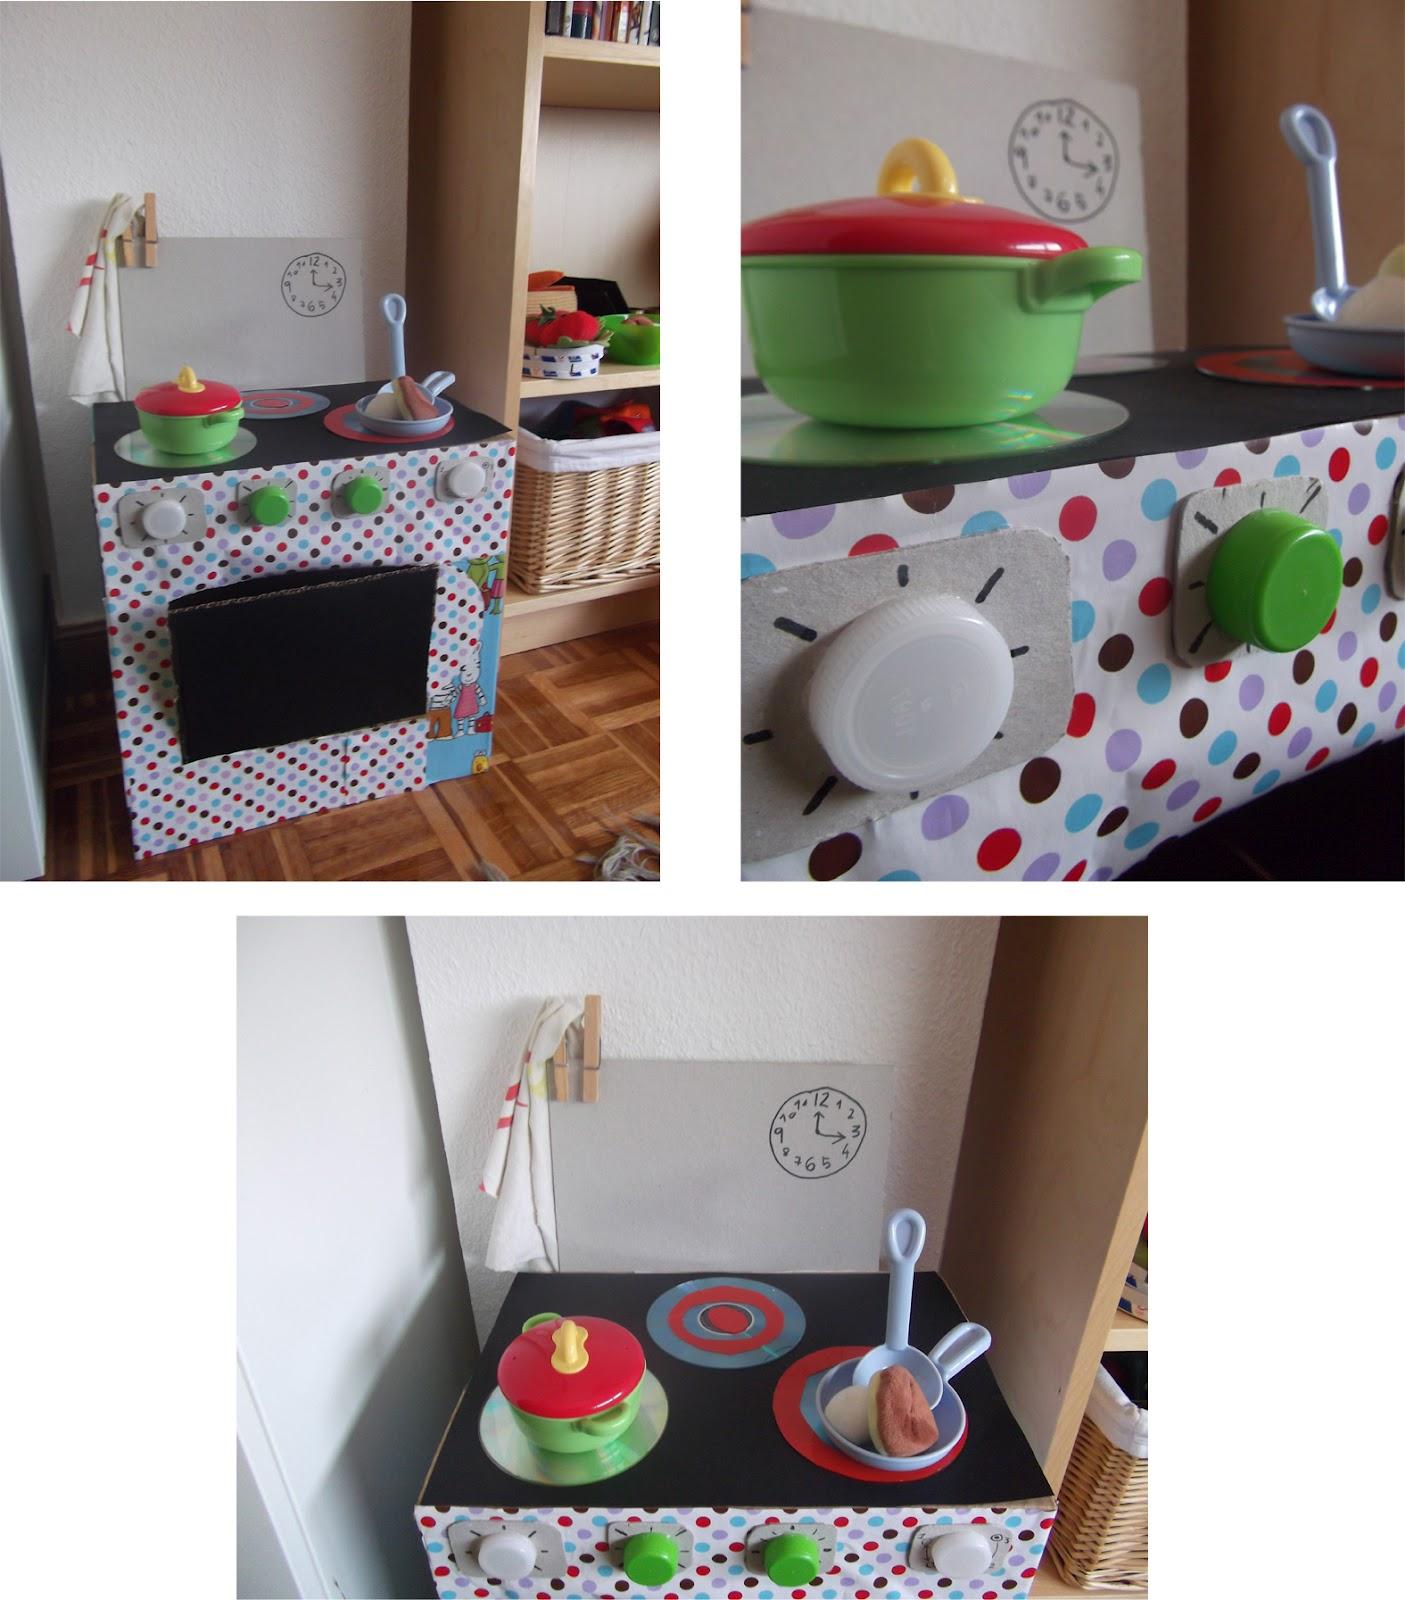 Cafran Cocinas: abril 2013